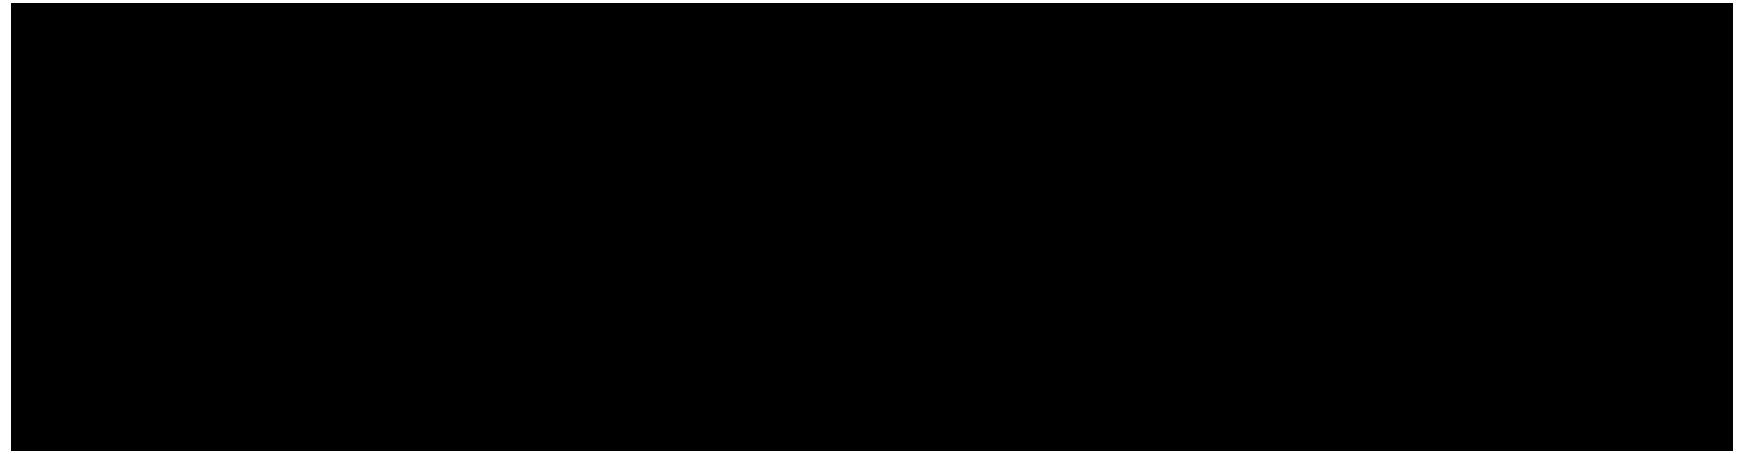 Logo-TransparentBG-Large_black.png